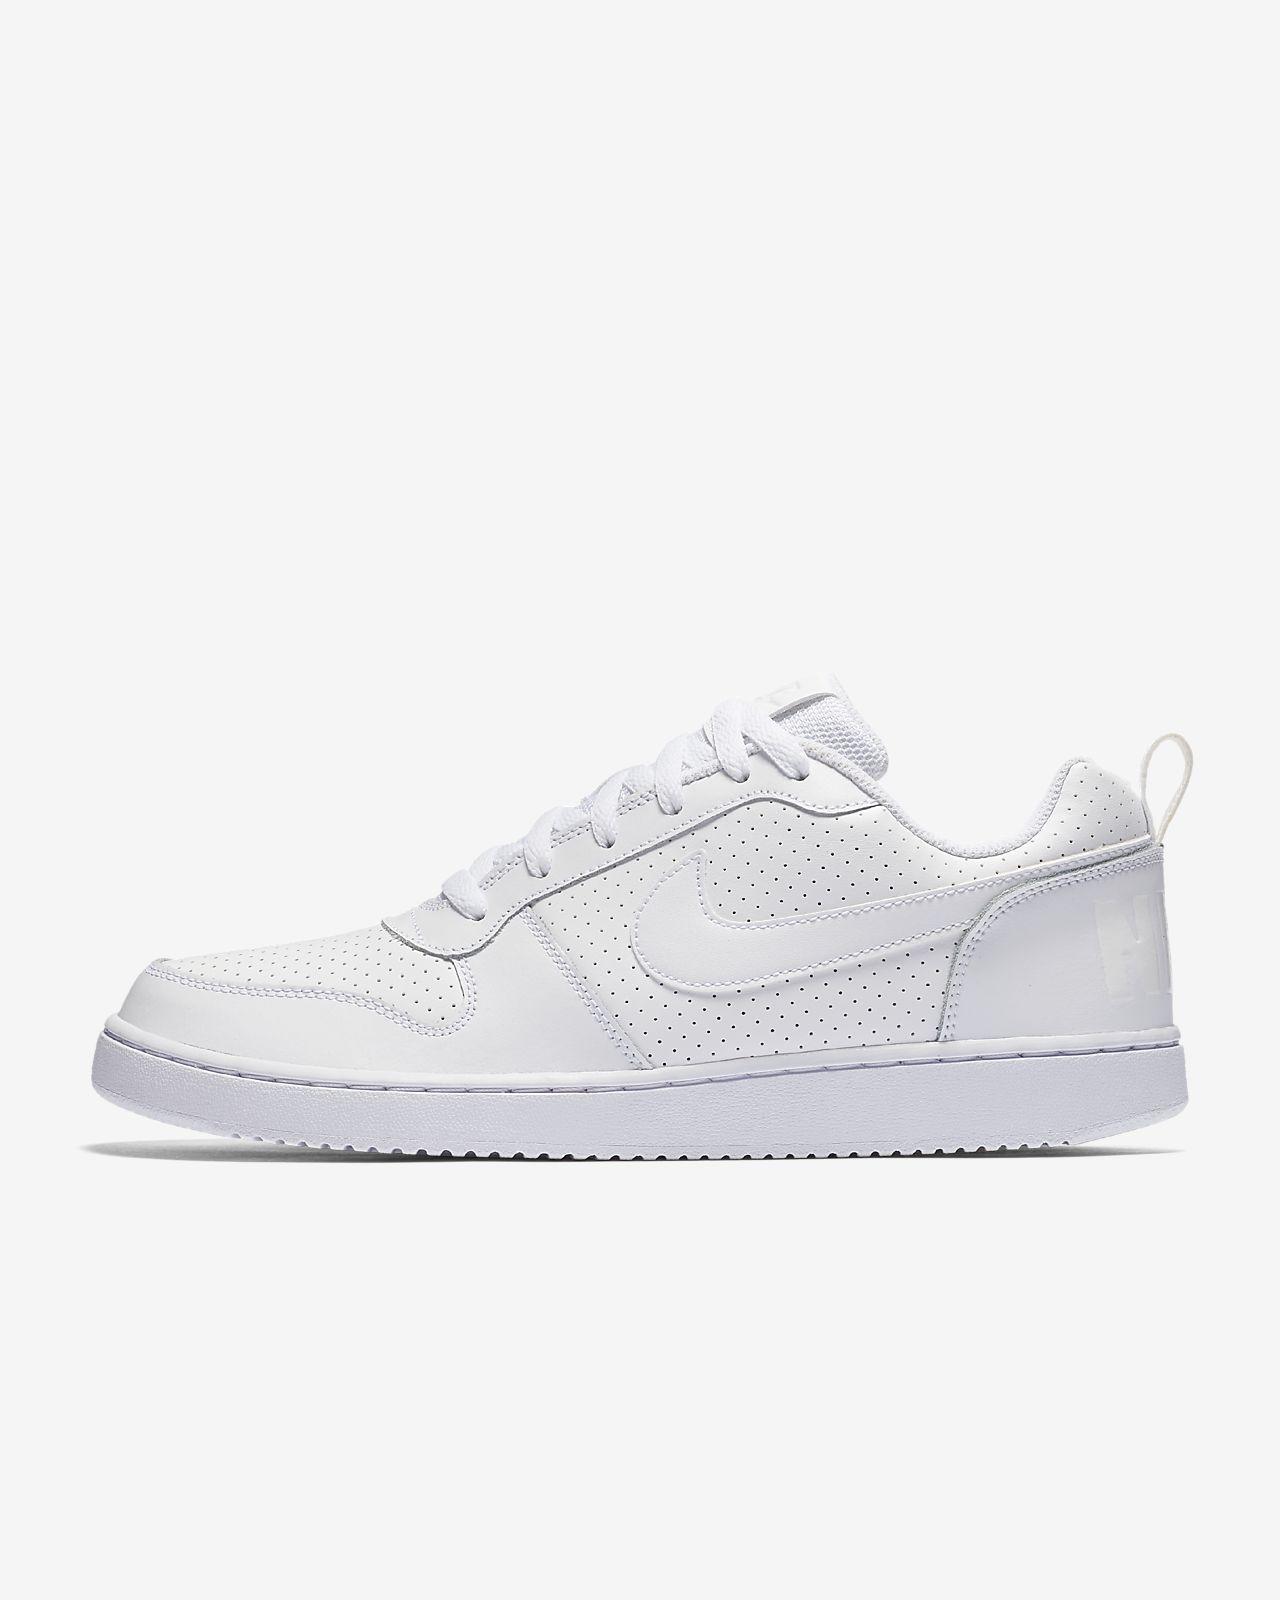 schweiz store Nike Court Borough Low SE Weiß Herren,vdbh